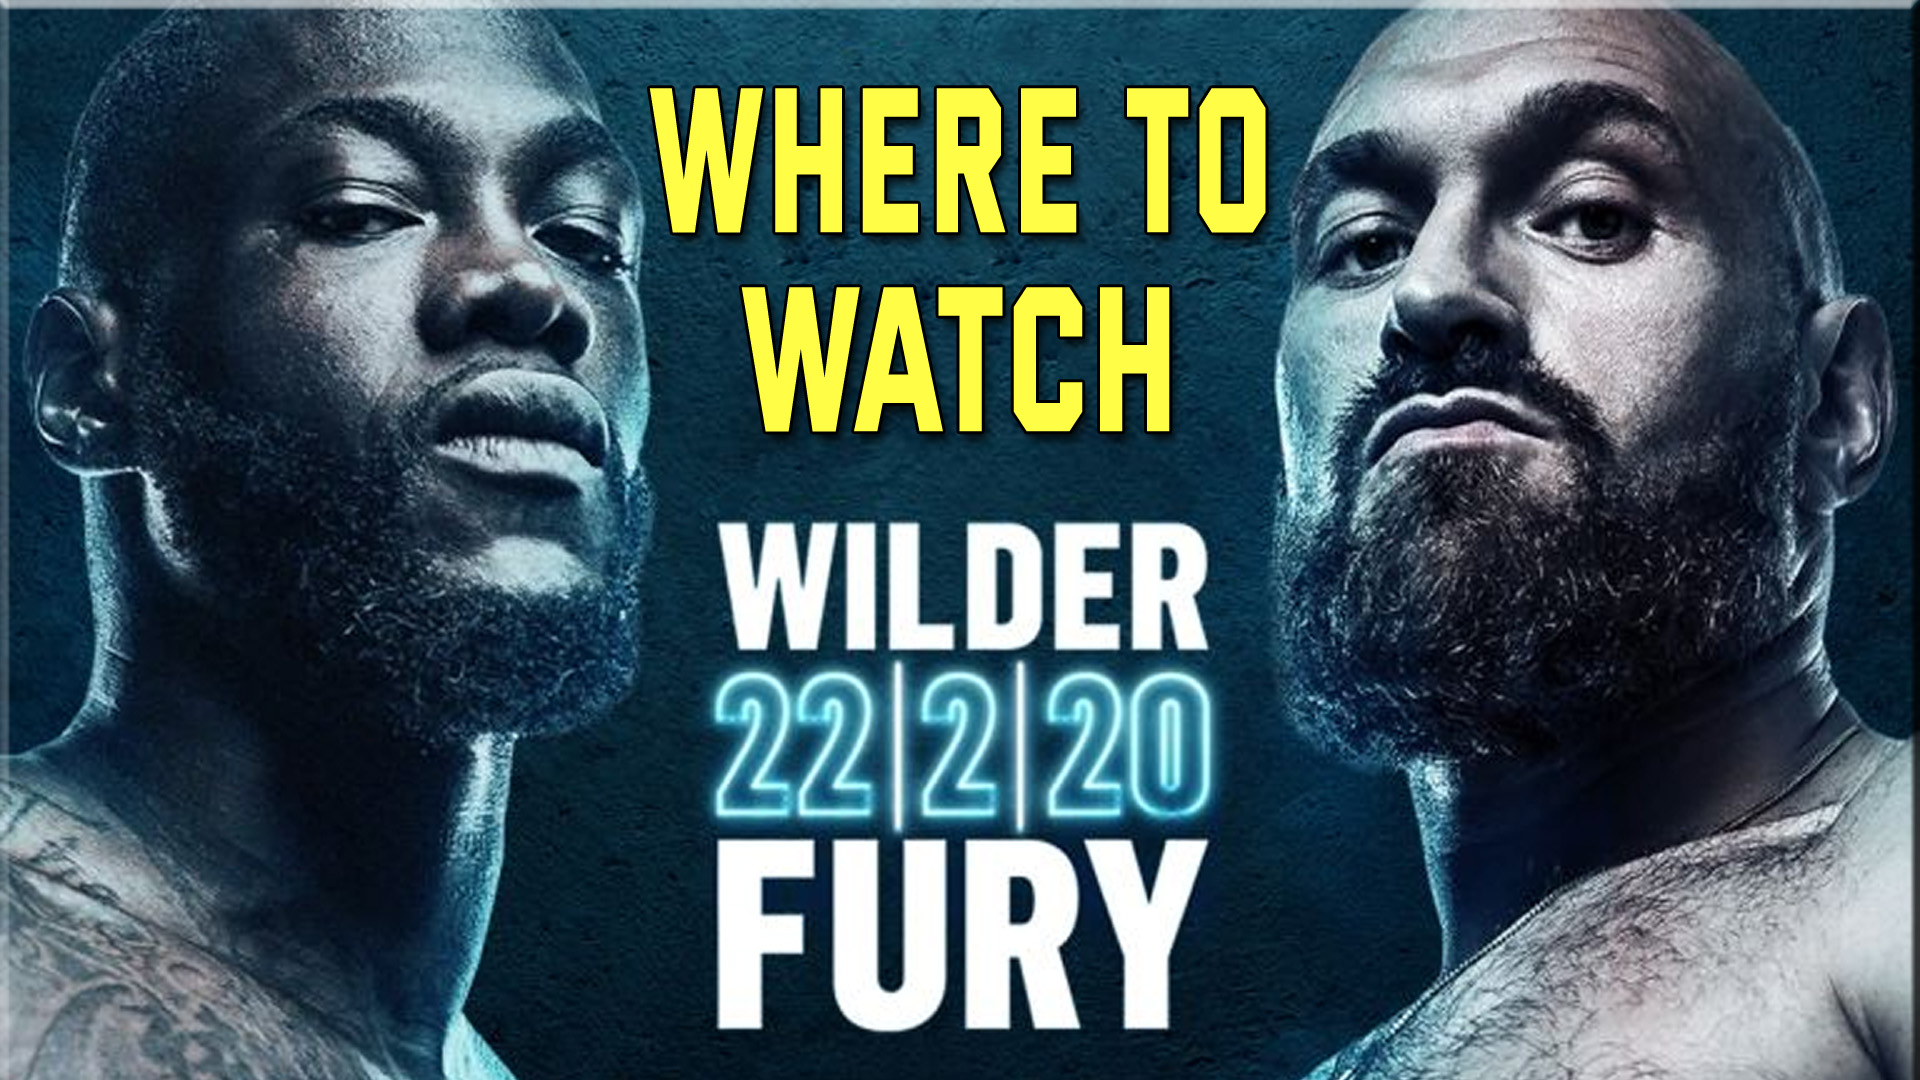 Wilder v Fury 2 Free